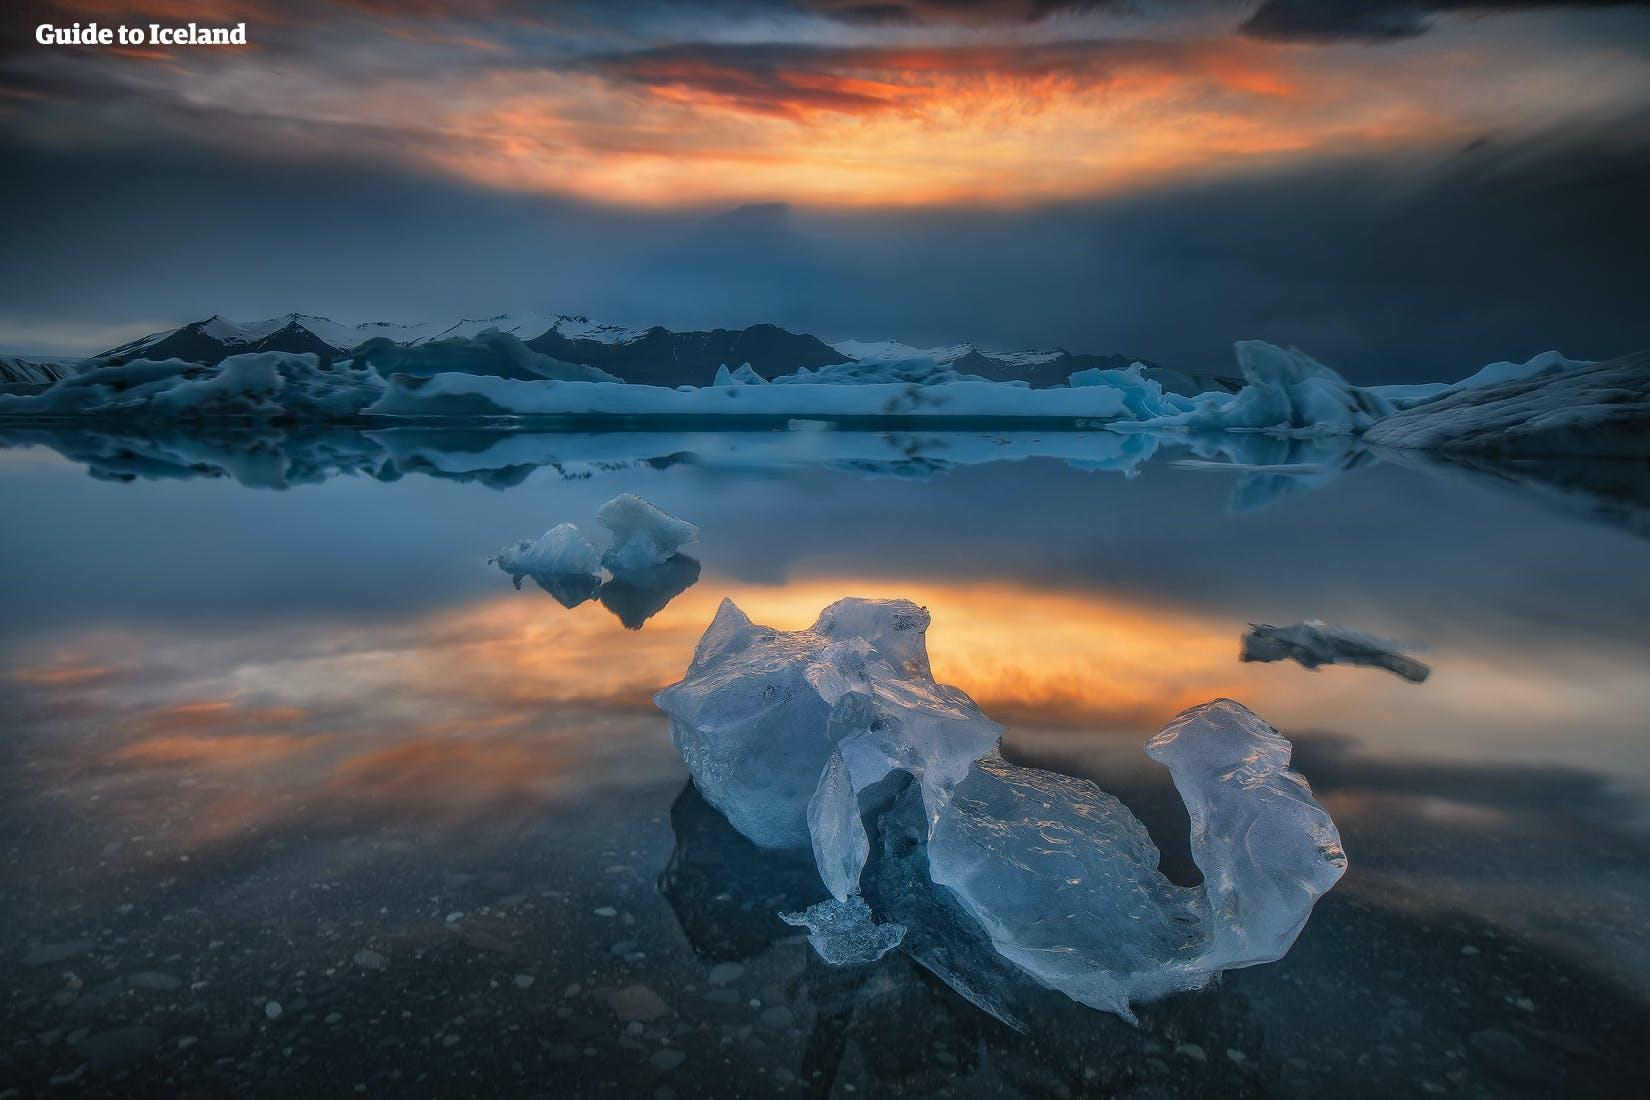 Jökulsárlón glacier lagoon by Vatnajökull glacier